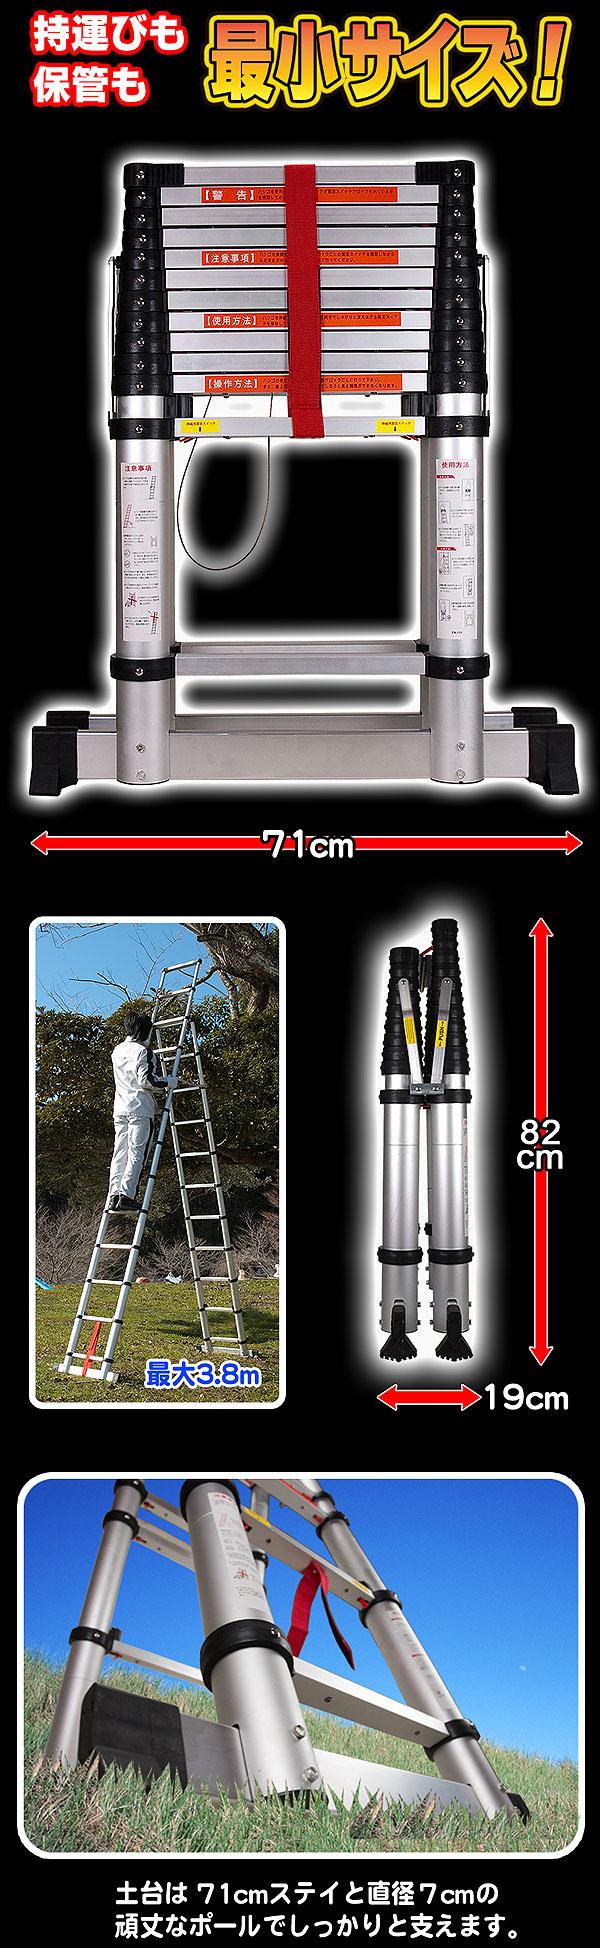 伸縮ハシゴ3.8M脚立タイプ【テレスコピックラダー/TELESCOPIC LADDER】 持ち運びも保管も最小サイズ 幅71cm 高さ82cm 奥行き19cm